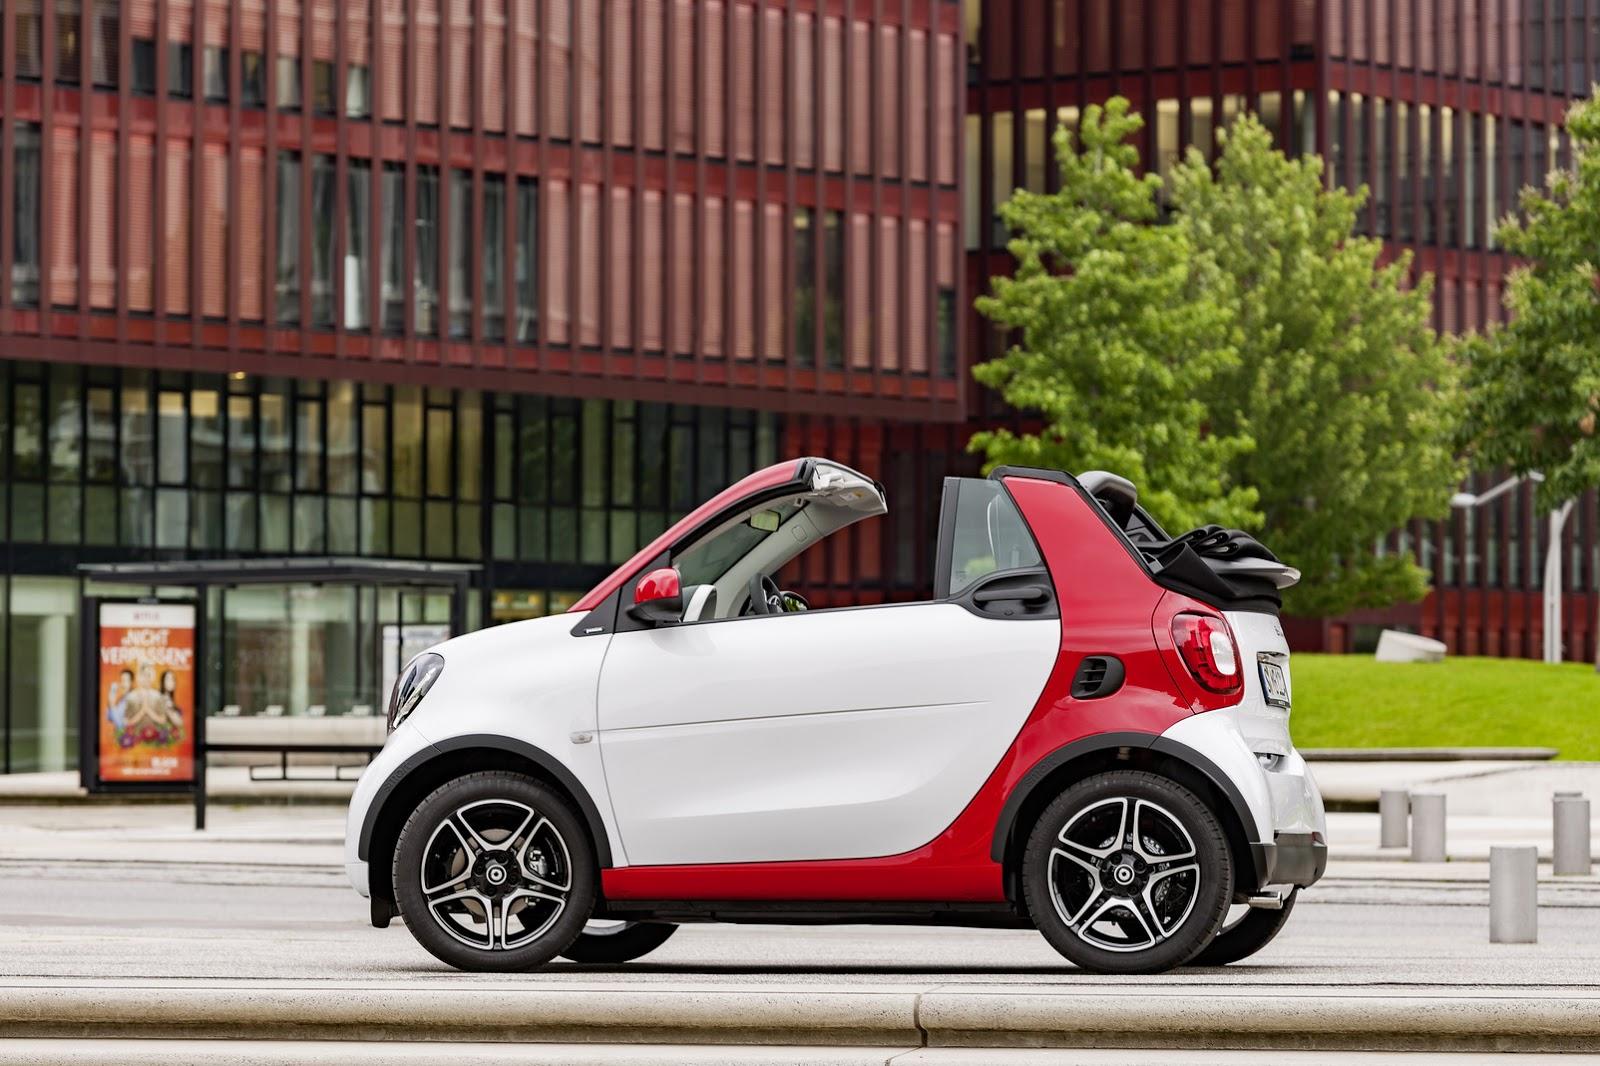 Cách đây 3 tuần, mẫu xe mui trần bé hạt tiêu Smart ForTwo Cabriolet mới đã chính thức được bày bán tại thị trường châu Âu. Đến nay, Smart ForTwo Cabriolet 2016 tiếp tục được phân phối tại thị trường Mỹ với giá hấp dẫn.